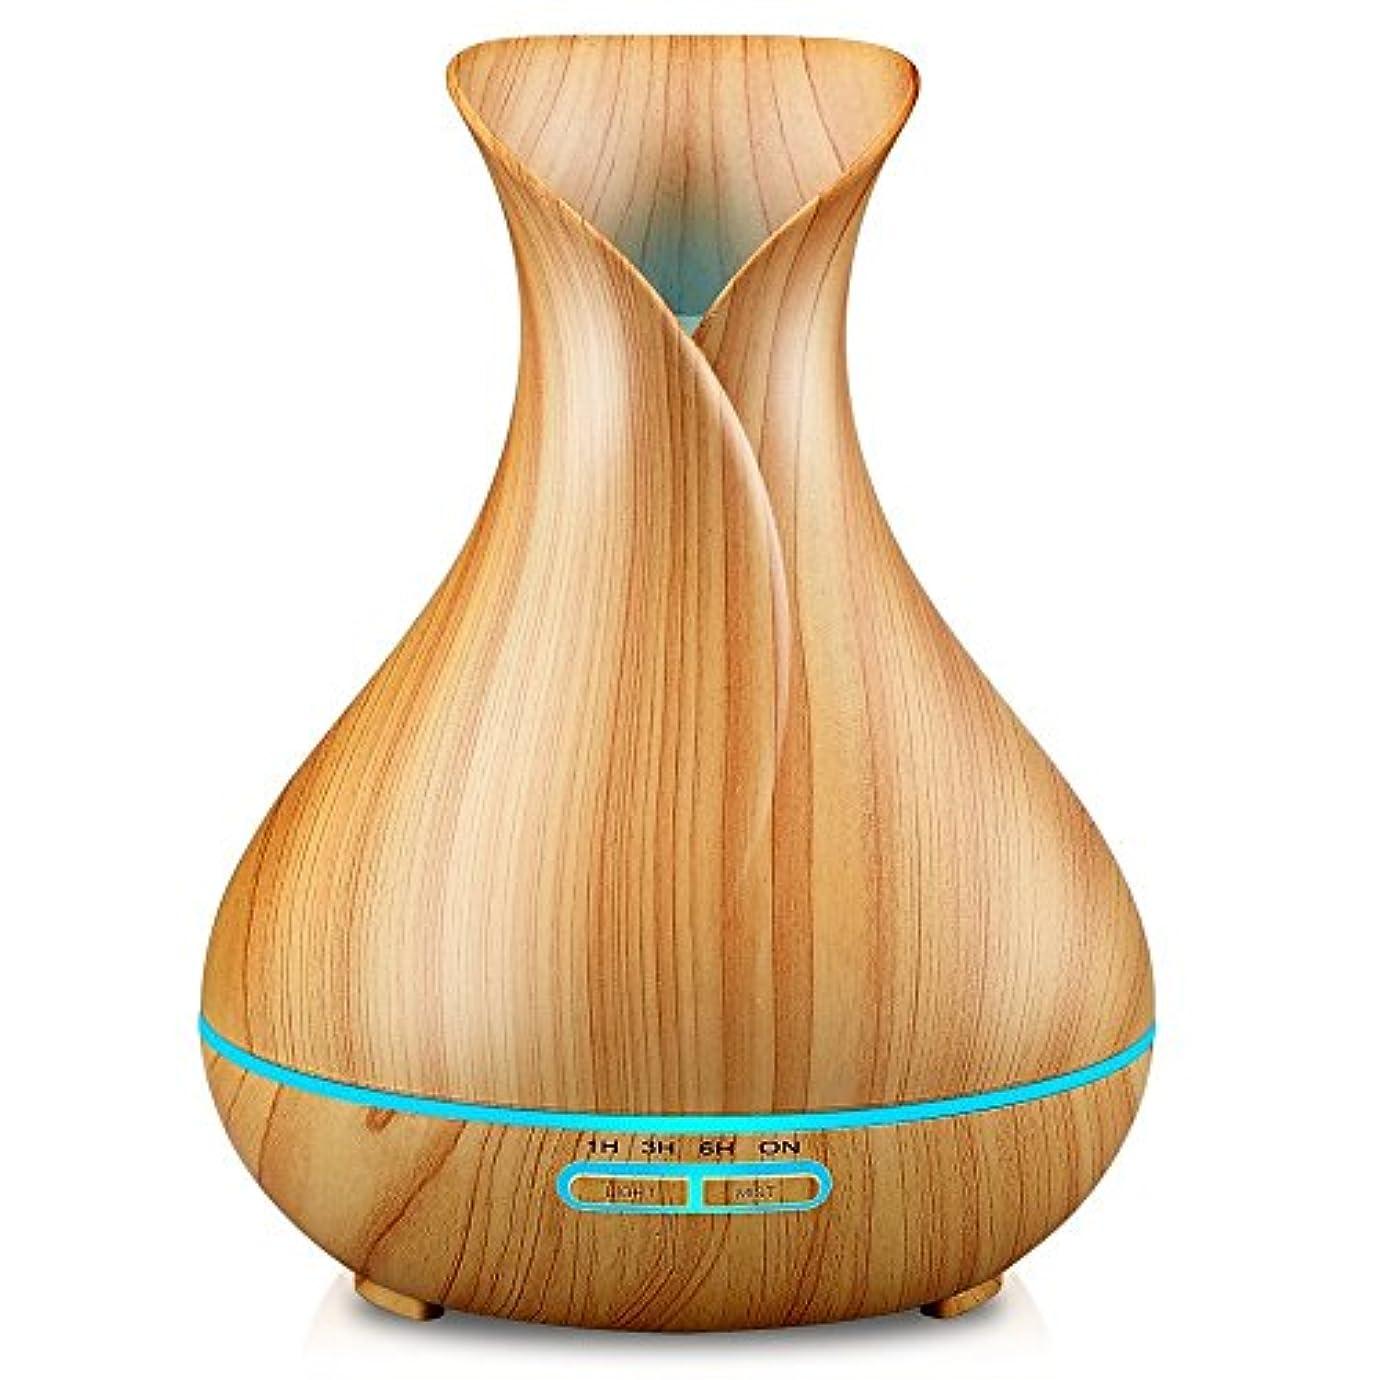 懐疑論回答出撃者URPOWER Essential Oil Diffuser スプレッド, 400ml Wood Grain Cool Mist Humidifiers 加湿器 Ultrasonic Aromatherapy Diffusers...